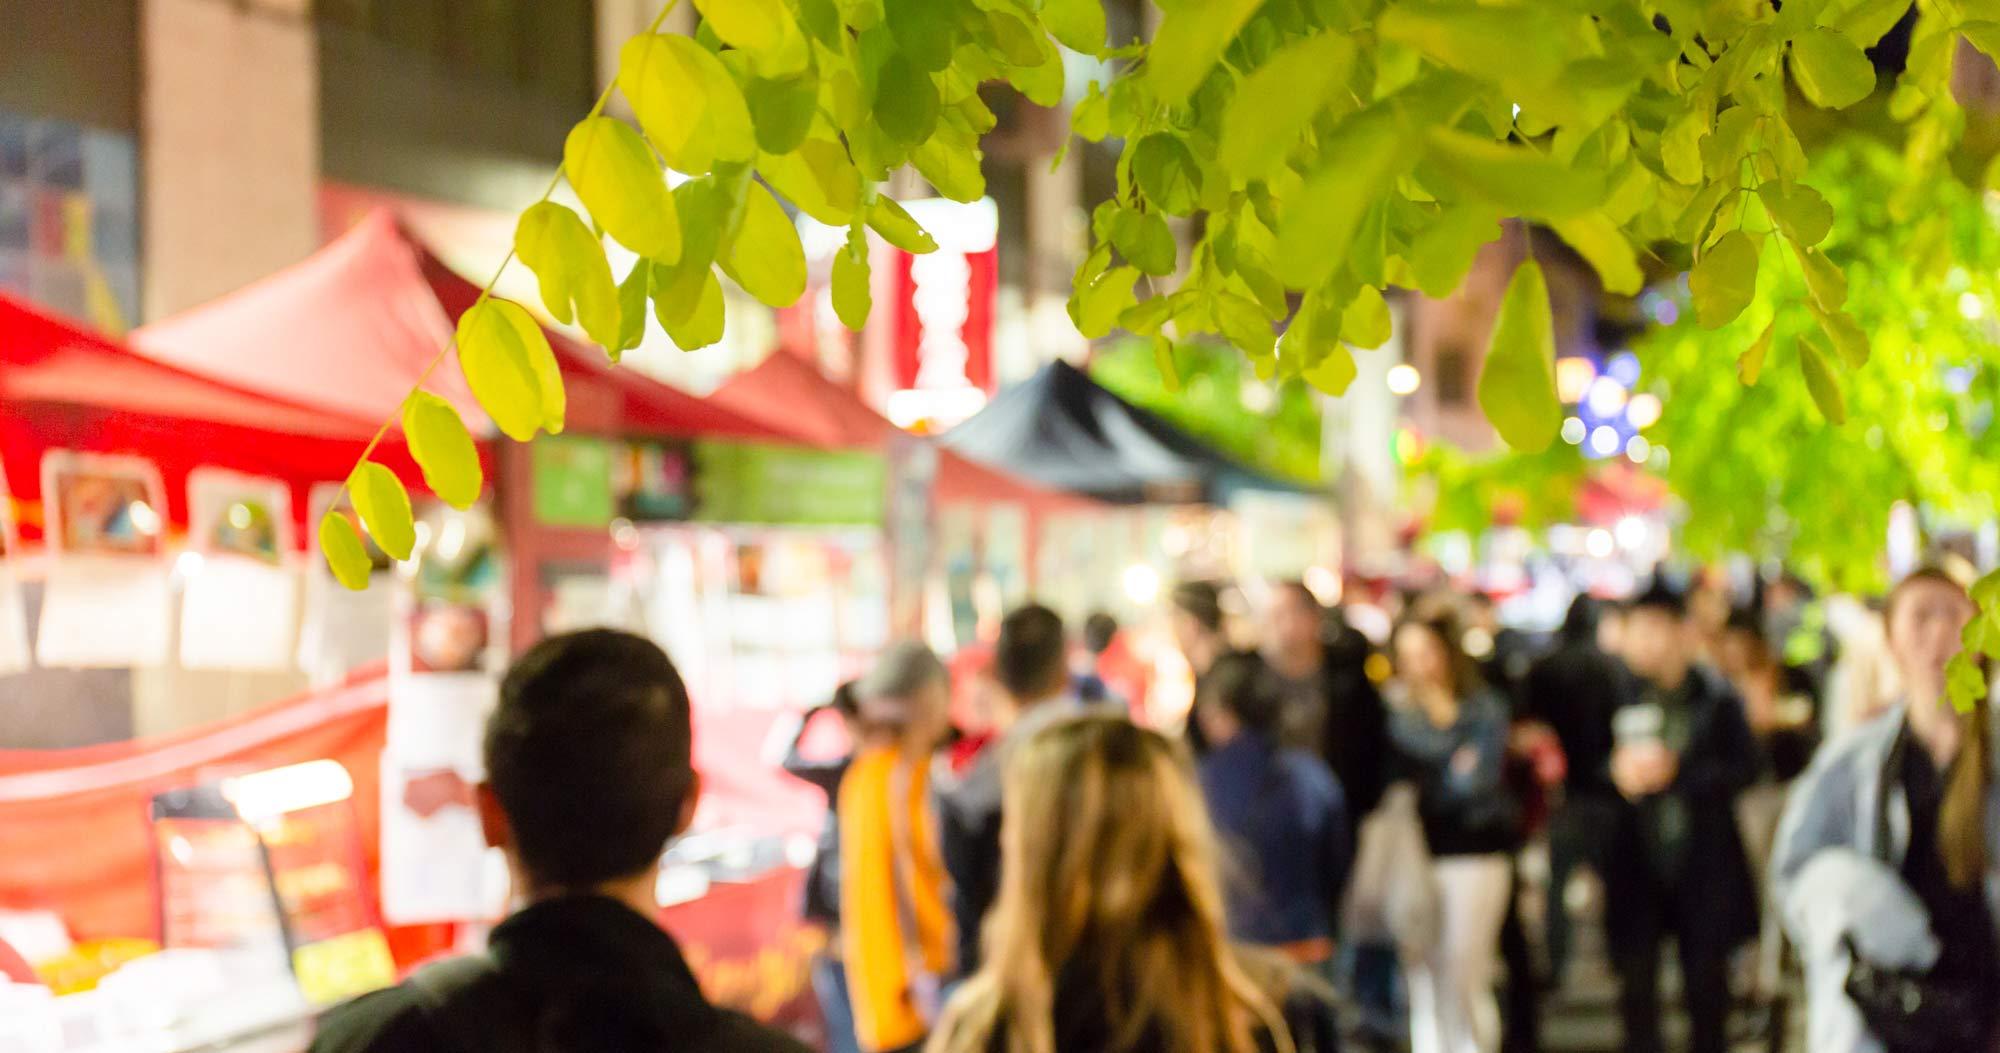 金曜日の夜はチャイナタウンのNIGHT MARKET | HAY MARKET(ヘイ・マーケット)